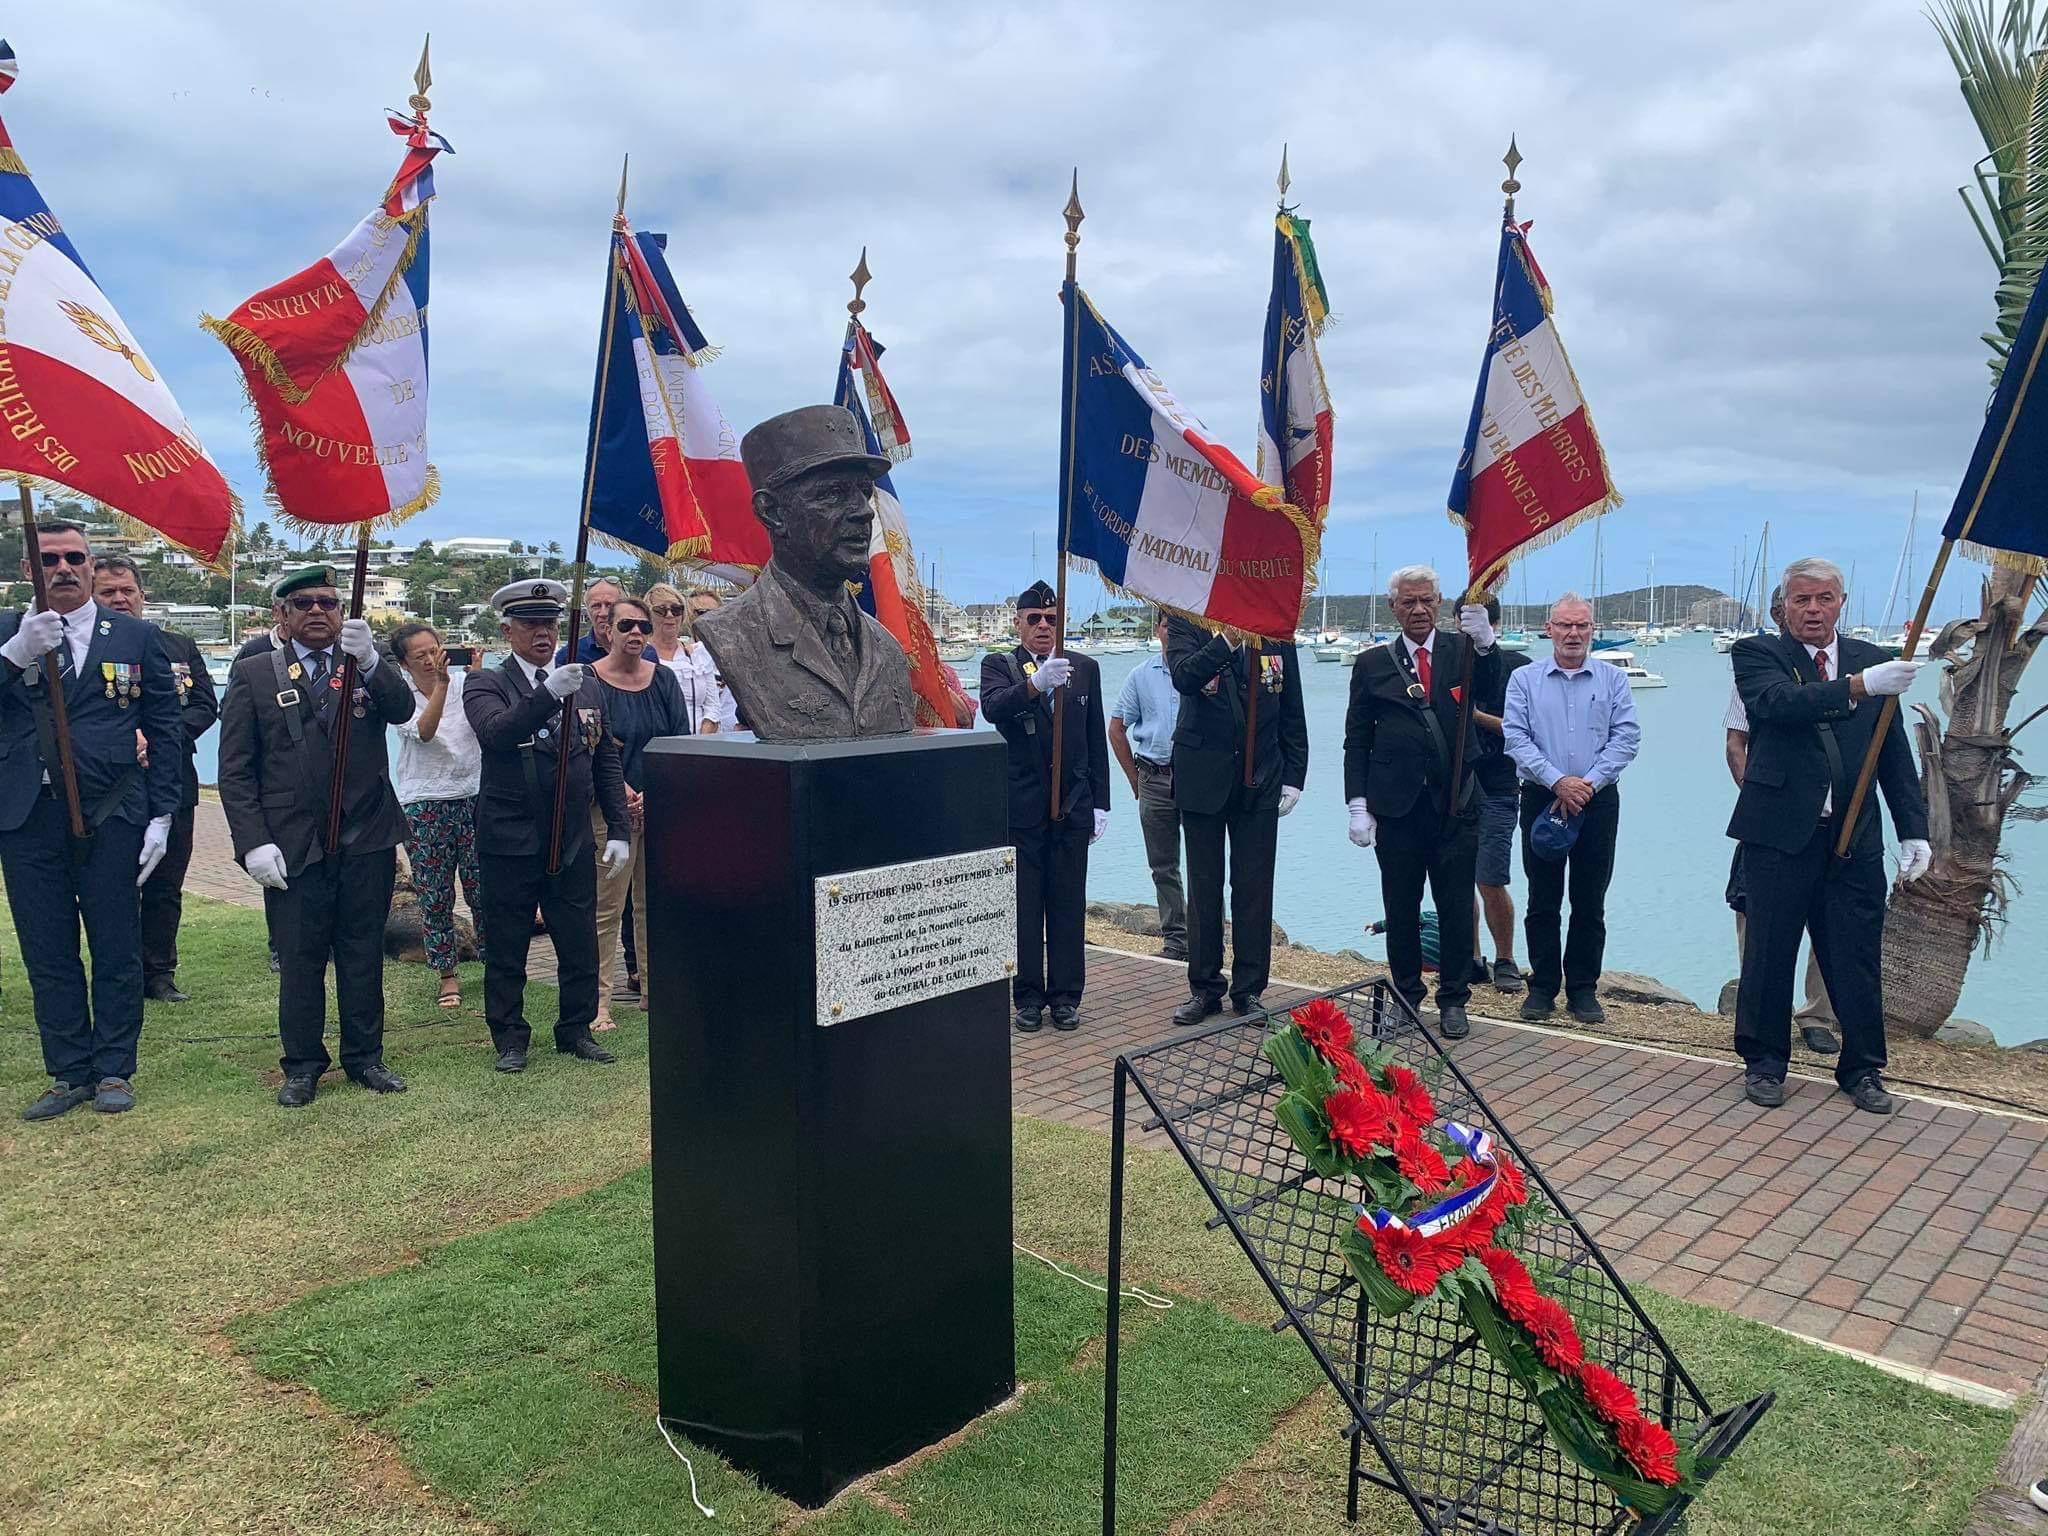 19 septembre 1940 : Il y a 80 ans, la Nouvelle-Calédonie rejoint la France libre